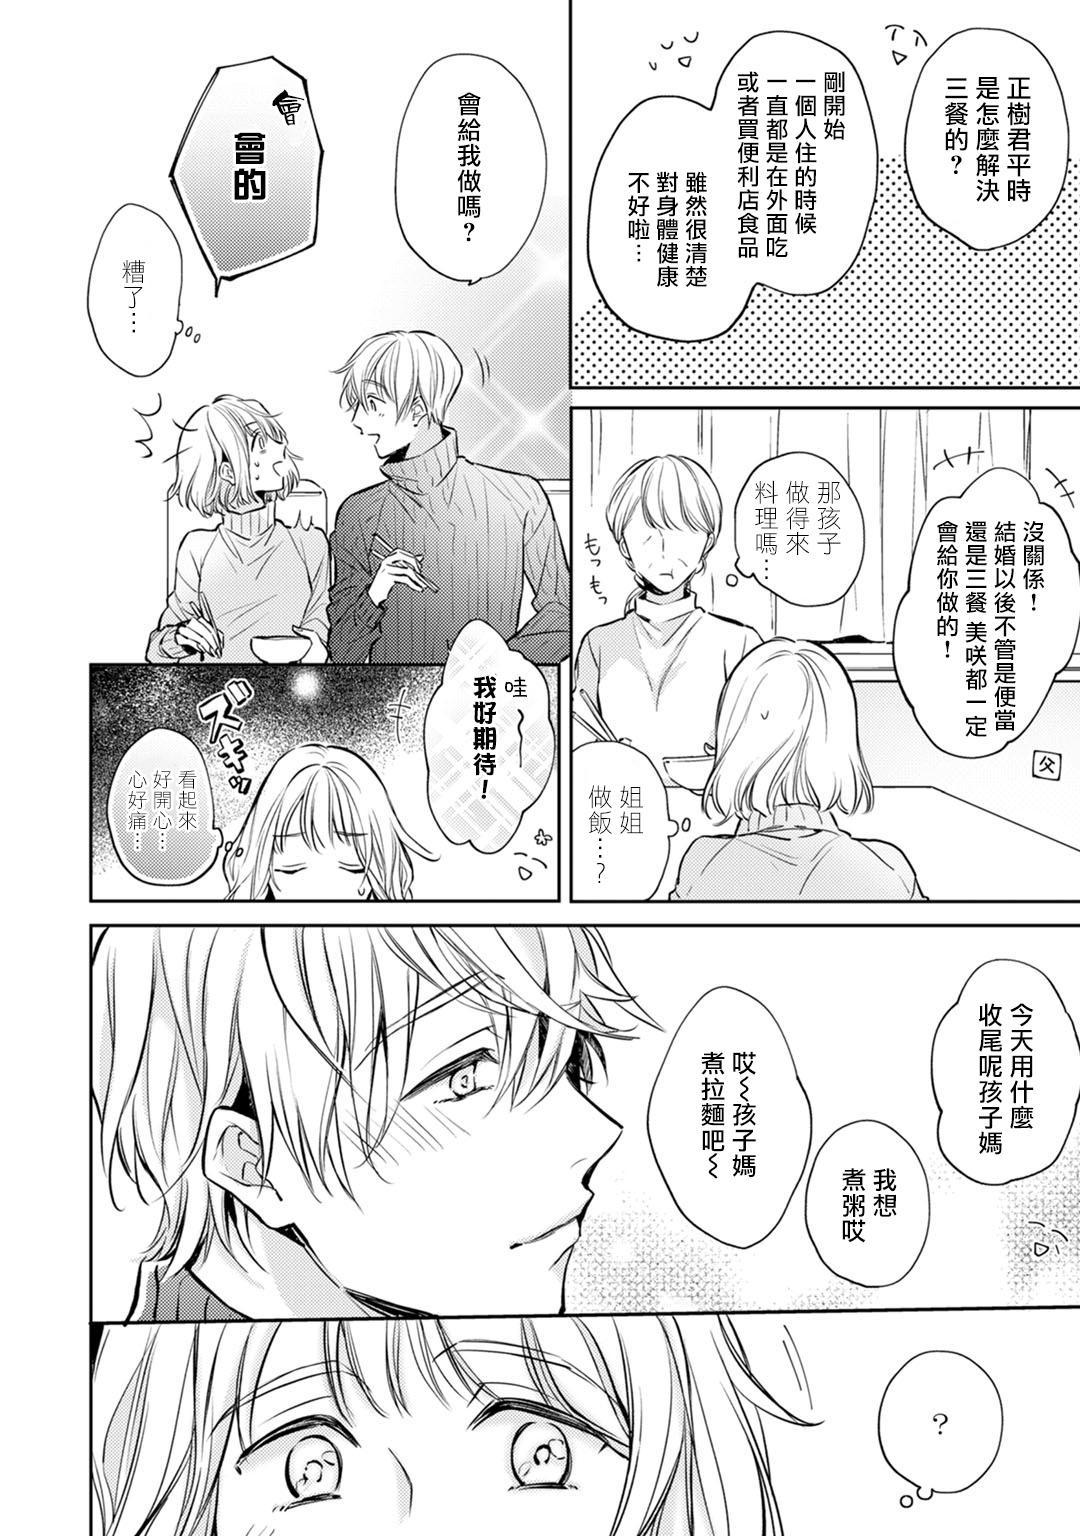 [Shichigatsu Motomi]  Sonna Kao shite, Sasotteru? ~Dekiai Shachou to Migawari Omiaikekkon!?~ 1-7 | 這種表情,在誘惑我嗎?~溺愛社長和替身相親結婚!? act.1 [Chinese] [拾荒者汉化组] 38